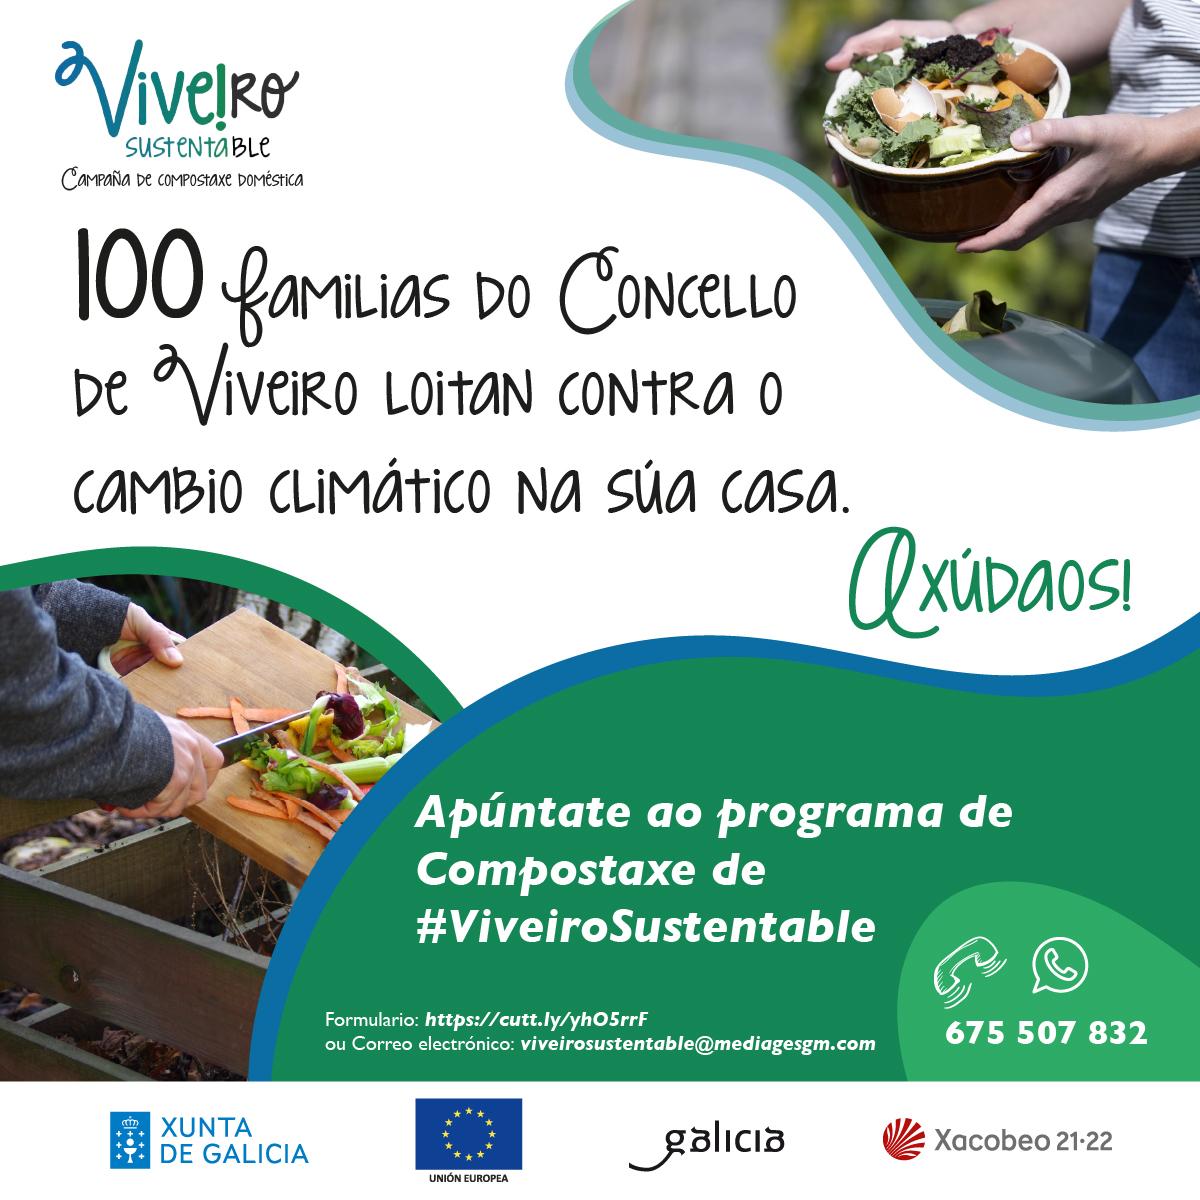 PROGRAMA DE COMPOSTAXE DOMICILIARIO DO CONCELLO DE VIVEIRO